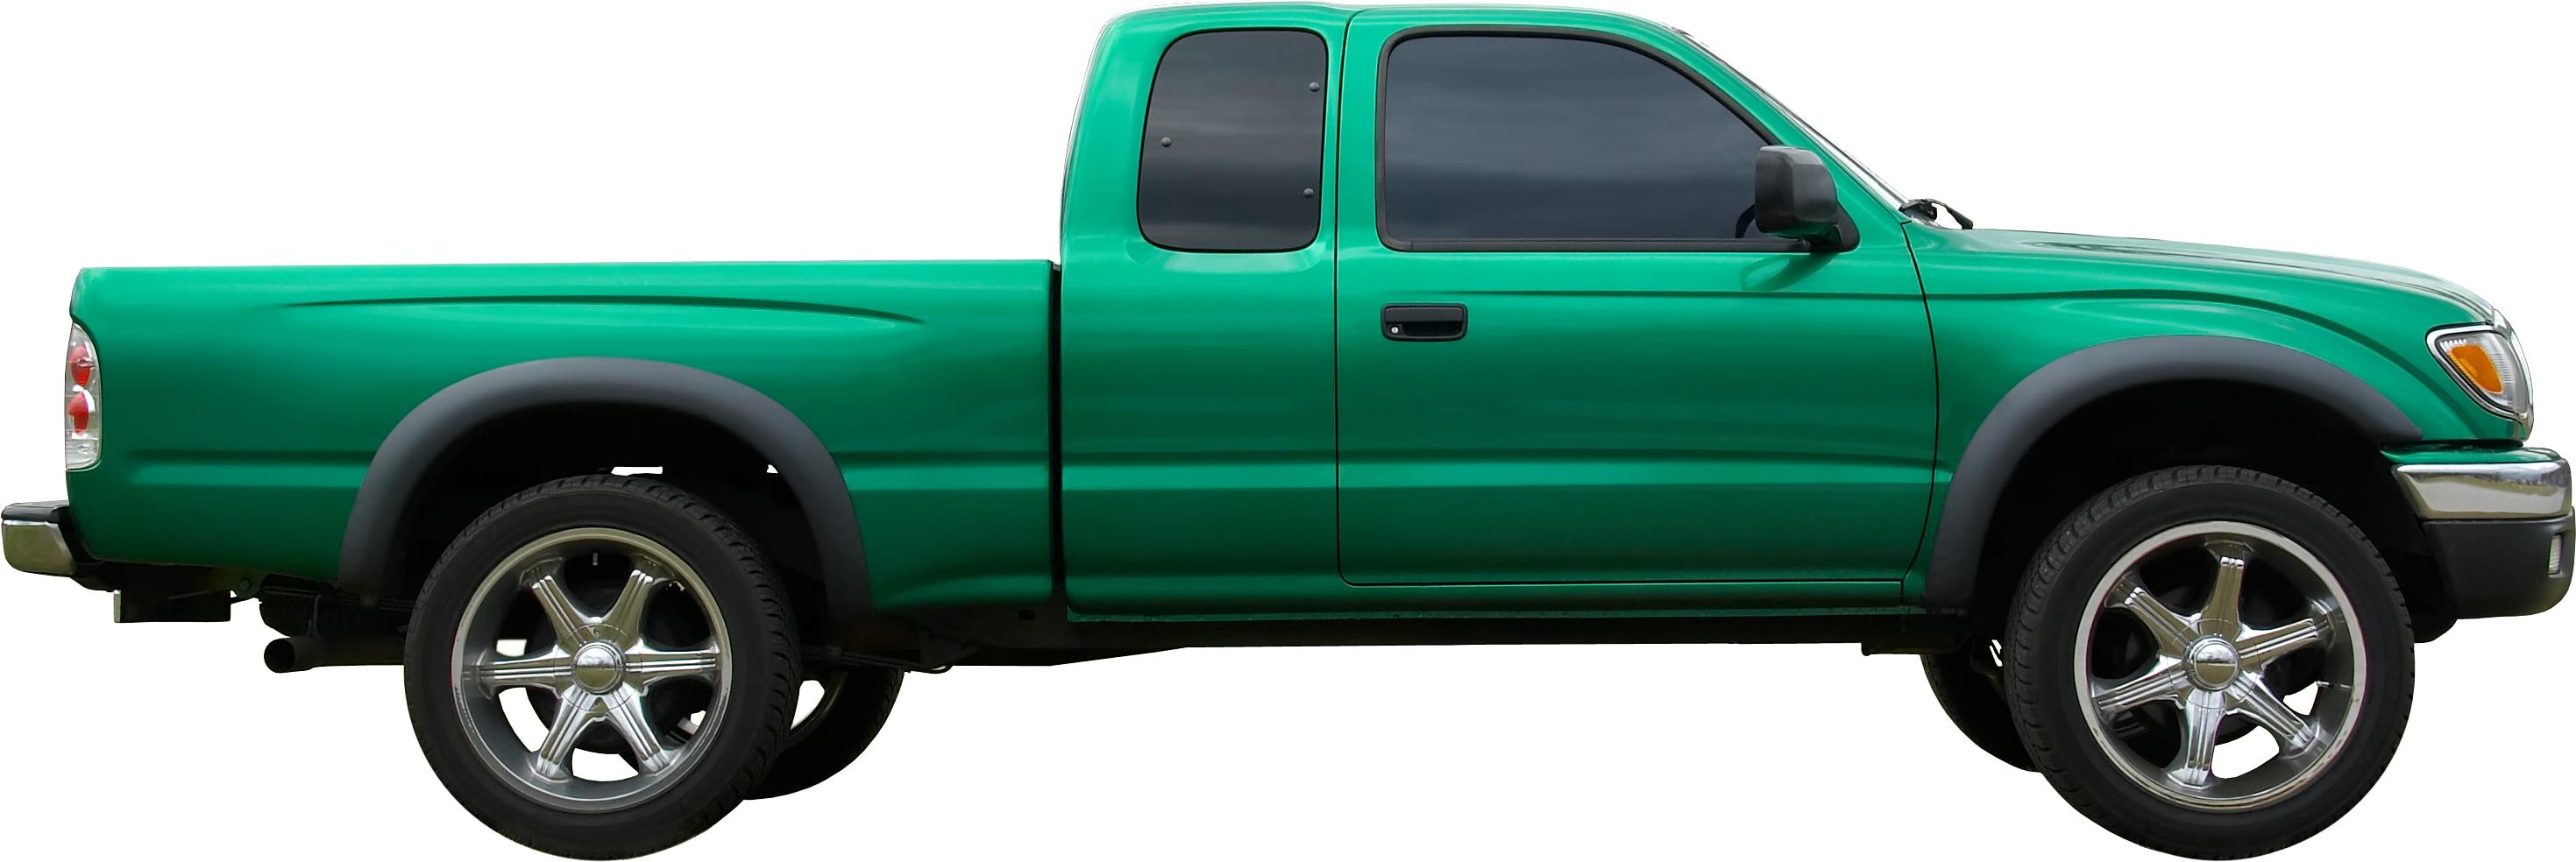 Pickup Truck Png Image Trucks Pickup Trucks Truck Accessories